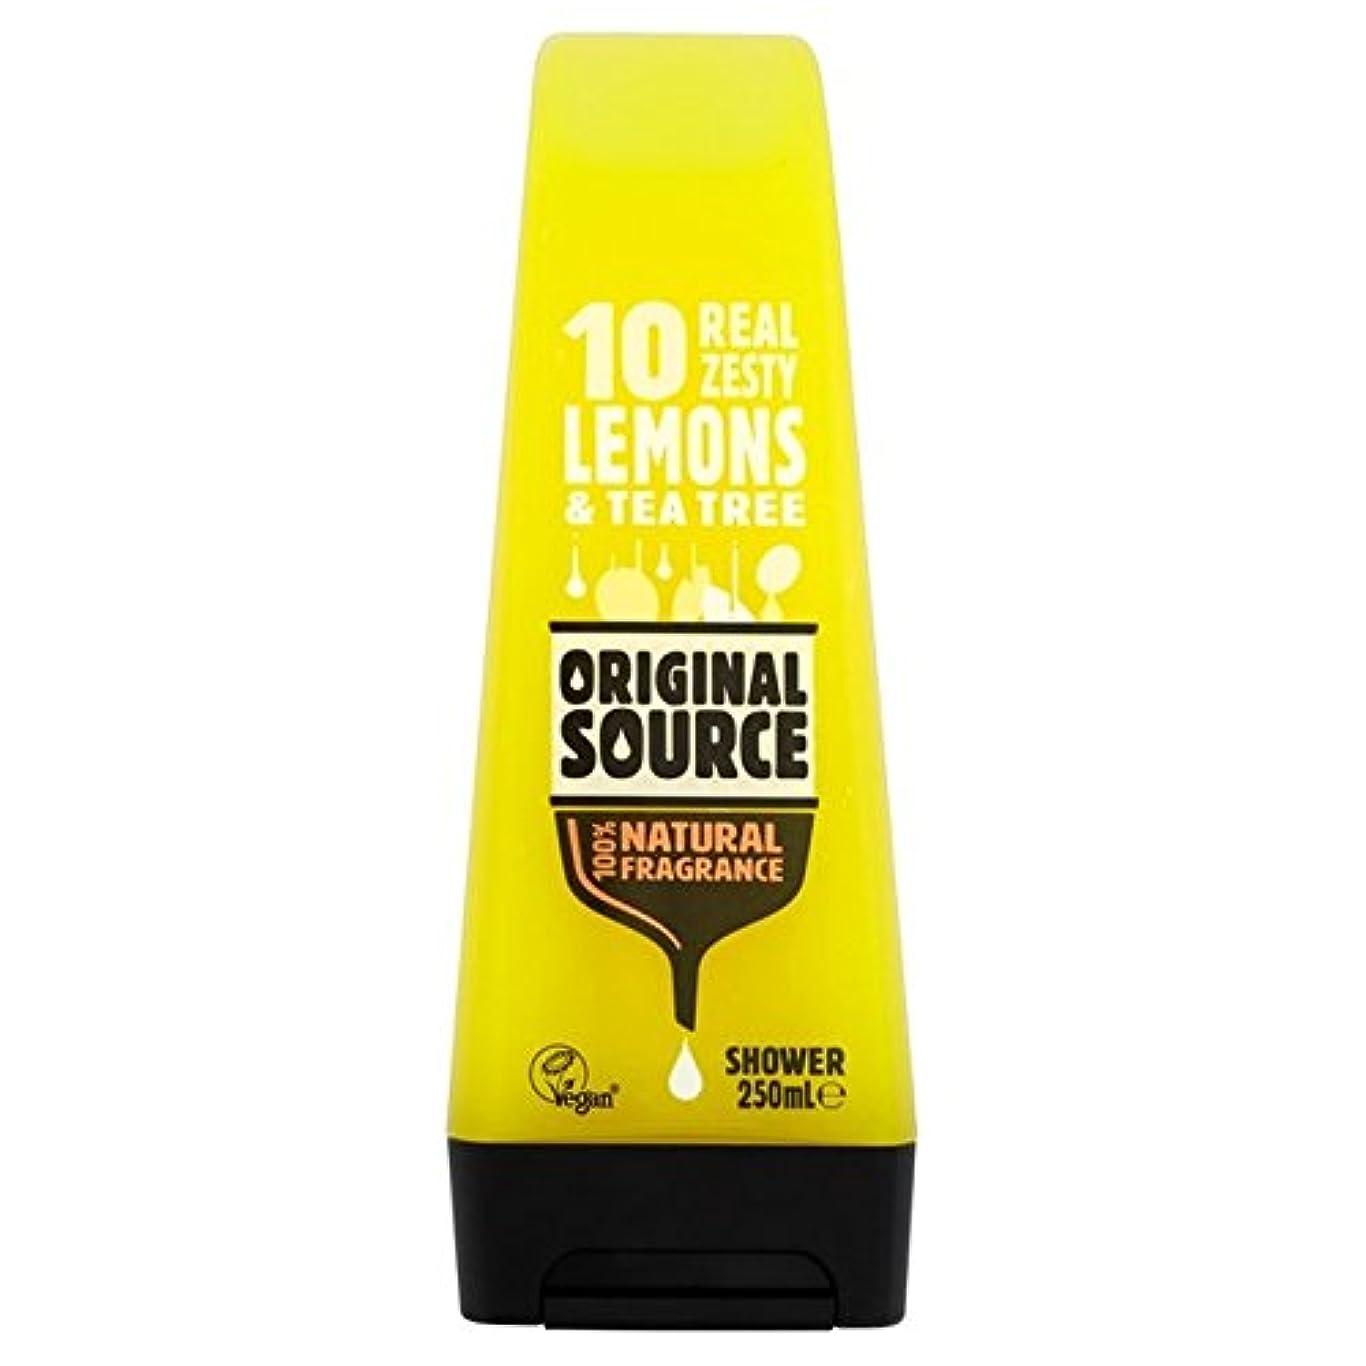 ブースにんじんよりOriginal Source Lemon Shower Gel 250ml (Pack of 6) - 元のソースのレモンシャワージェル250ミリリットル x6 [並行輸入品]